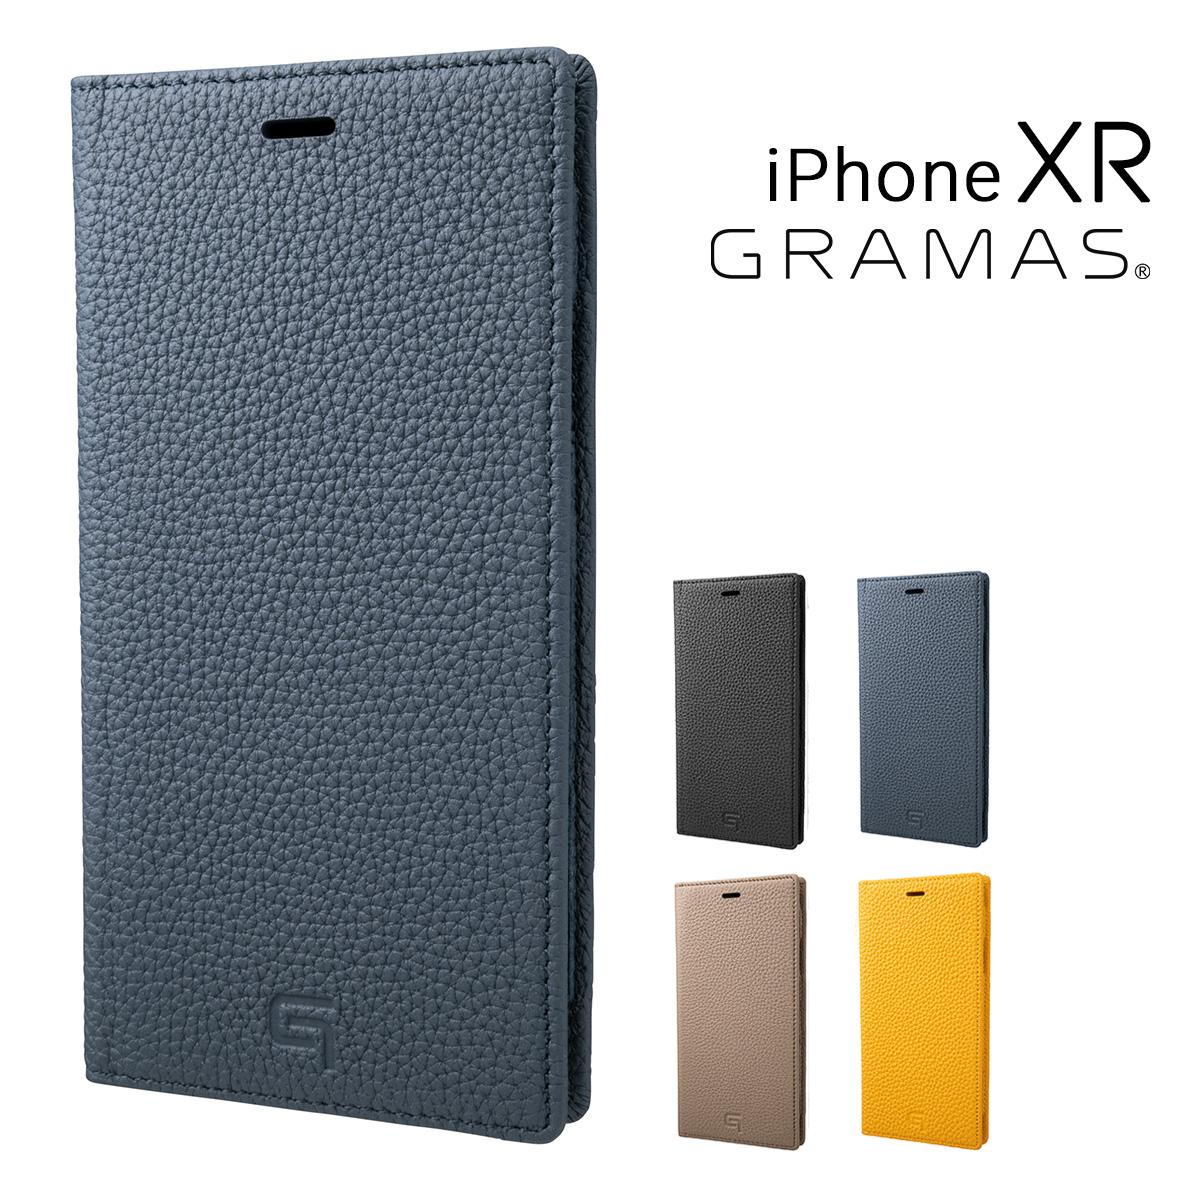 グラマス iPhoneXR ケース メンズ レディース GLC-72548 GRAMAS | スマートフォンケース 手帳型 本革[bef][即日発送]